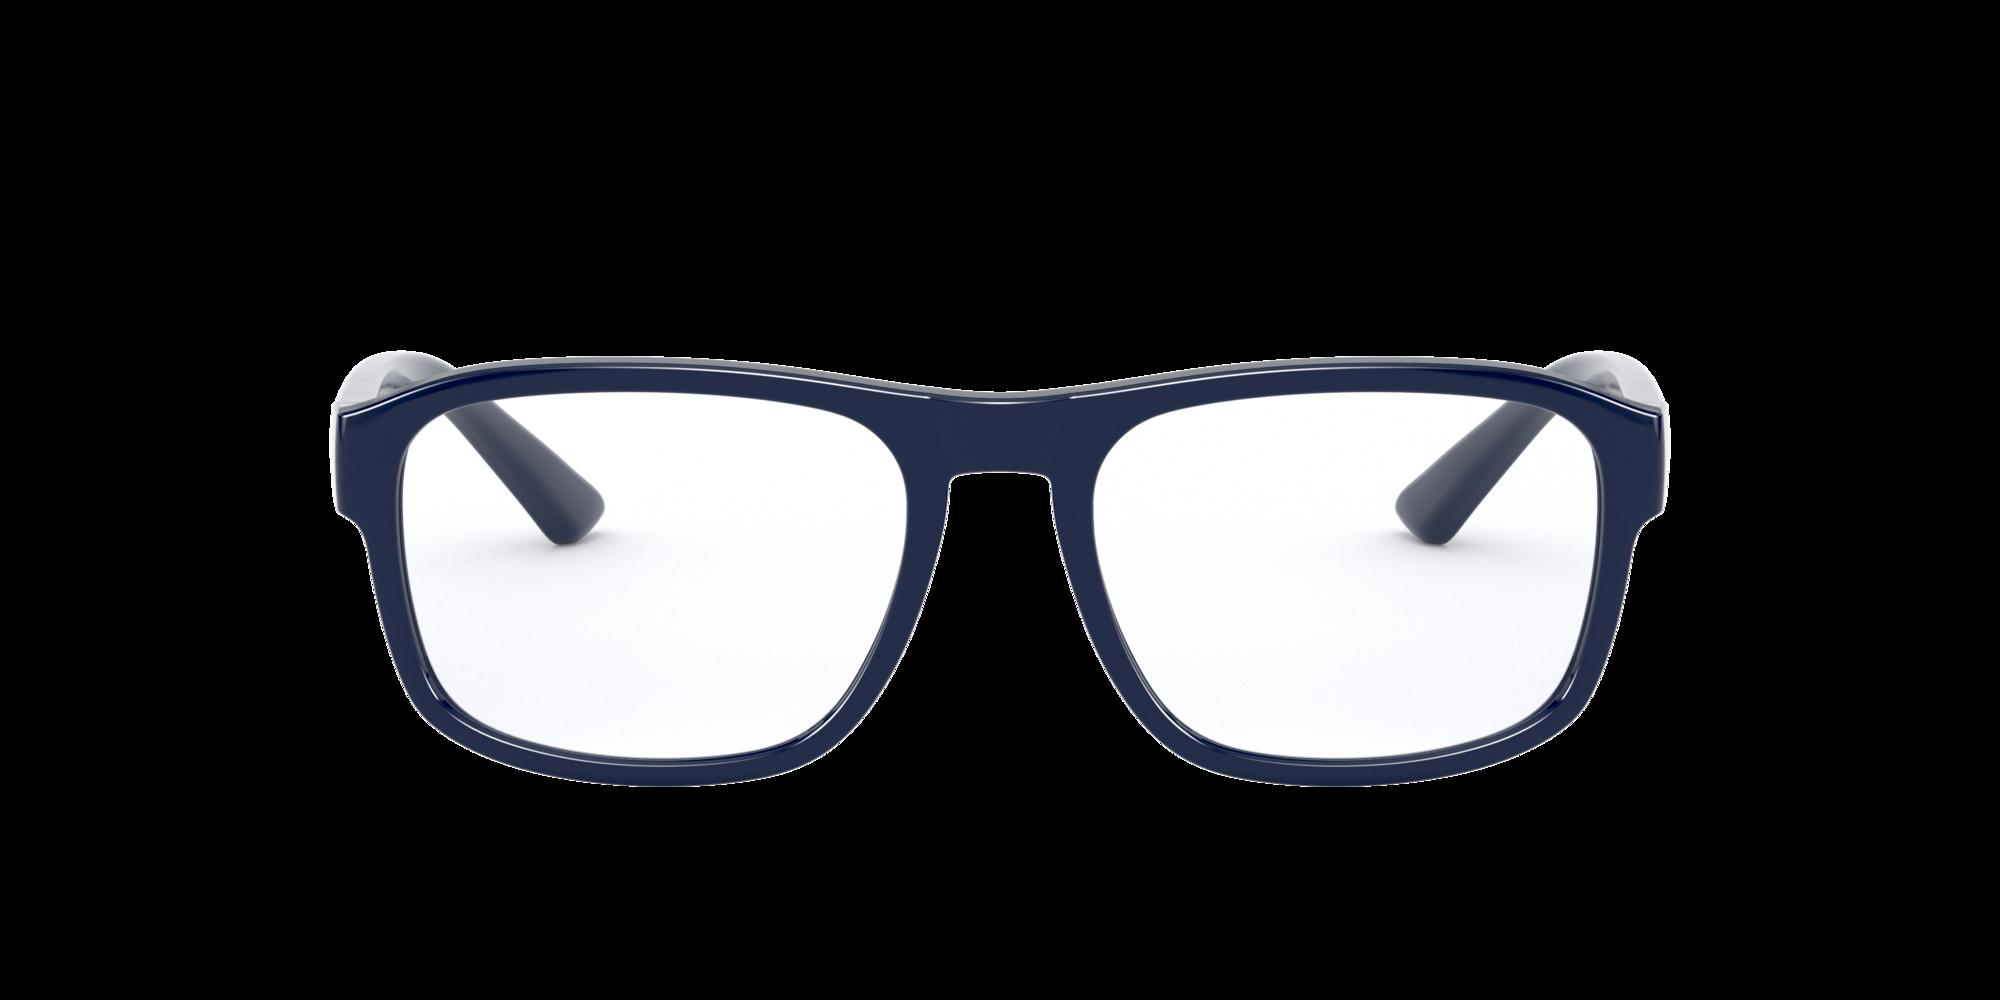 Imagen para AN7176 de LensCrafters |  Espejuelos, espejuelos graduados en línea, gafas